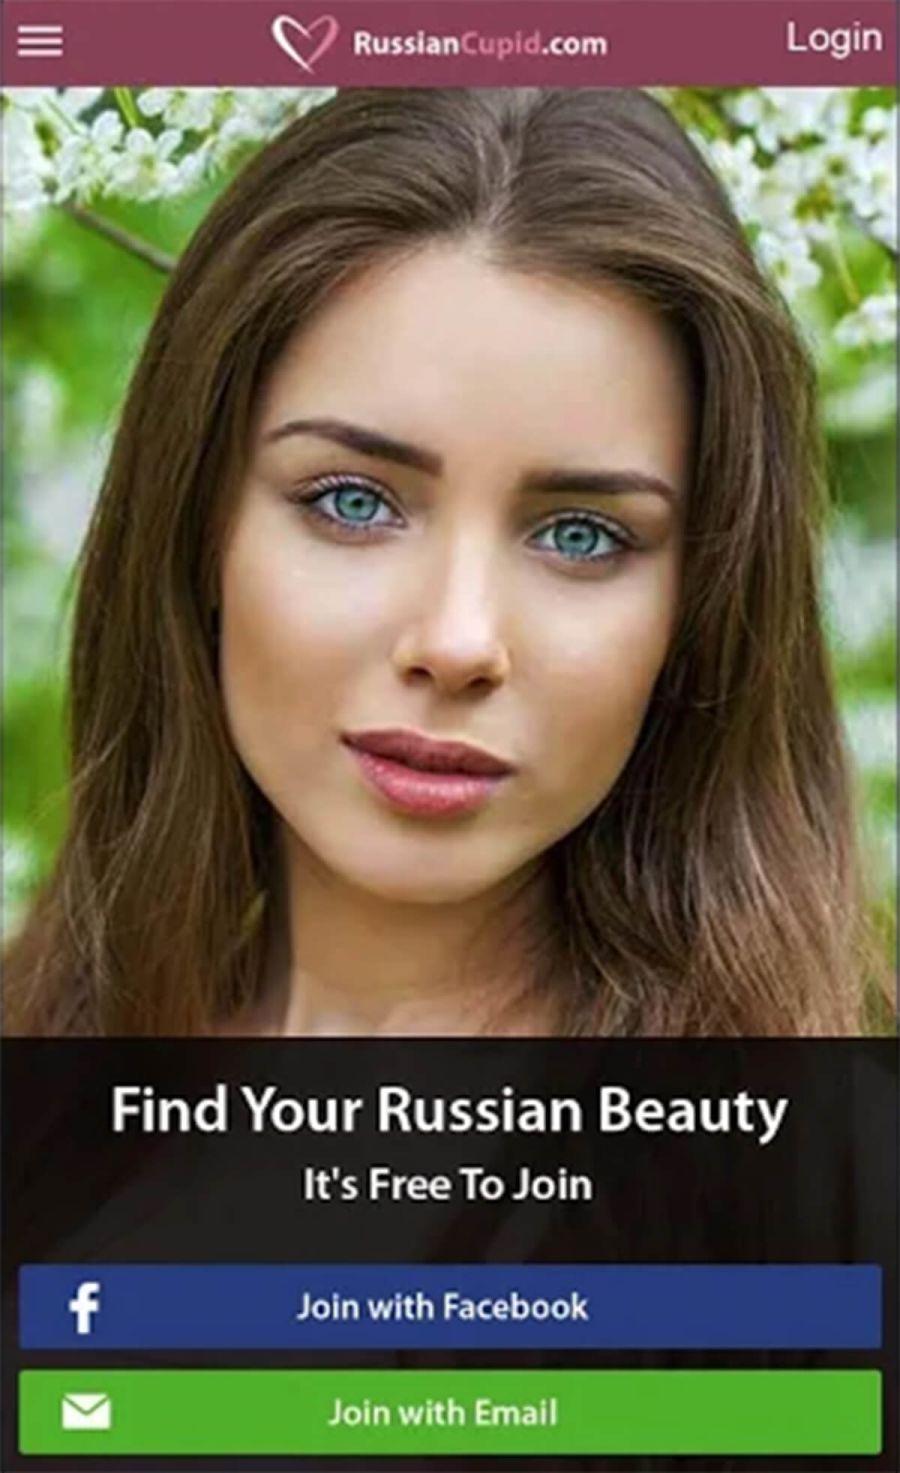 RussianCupid App